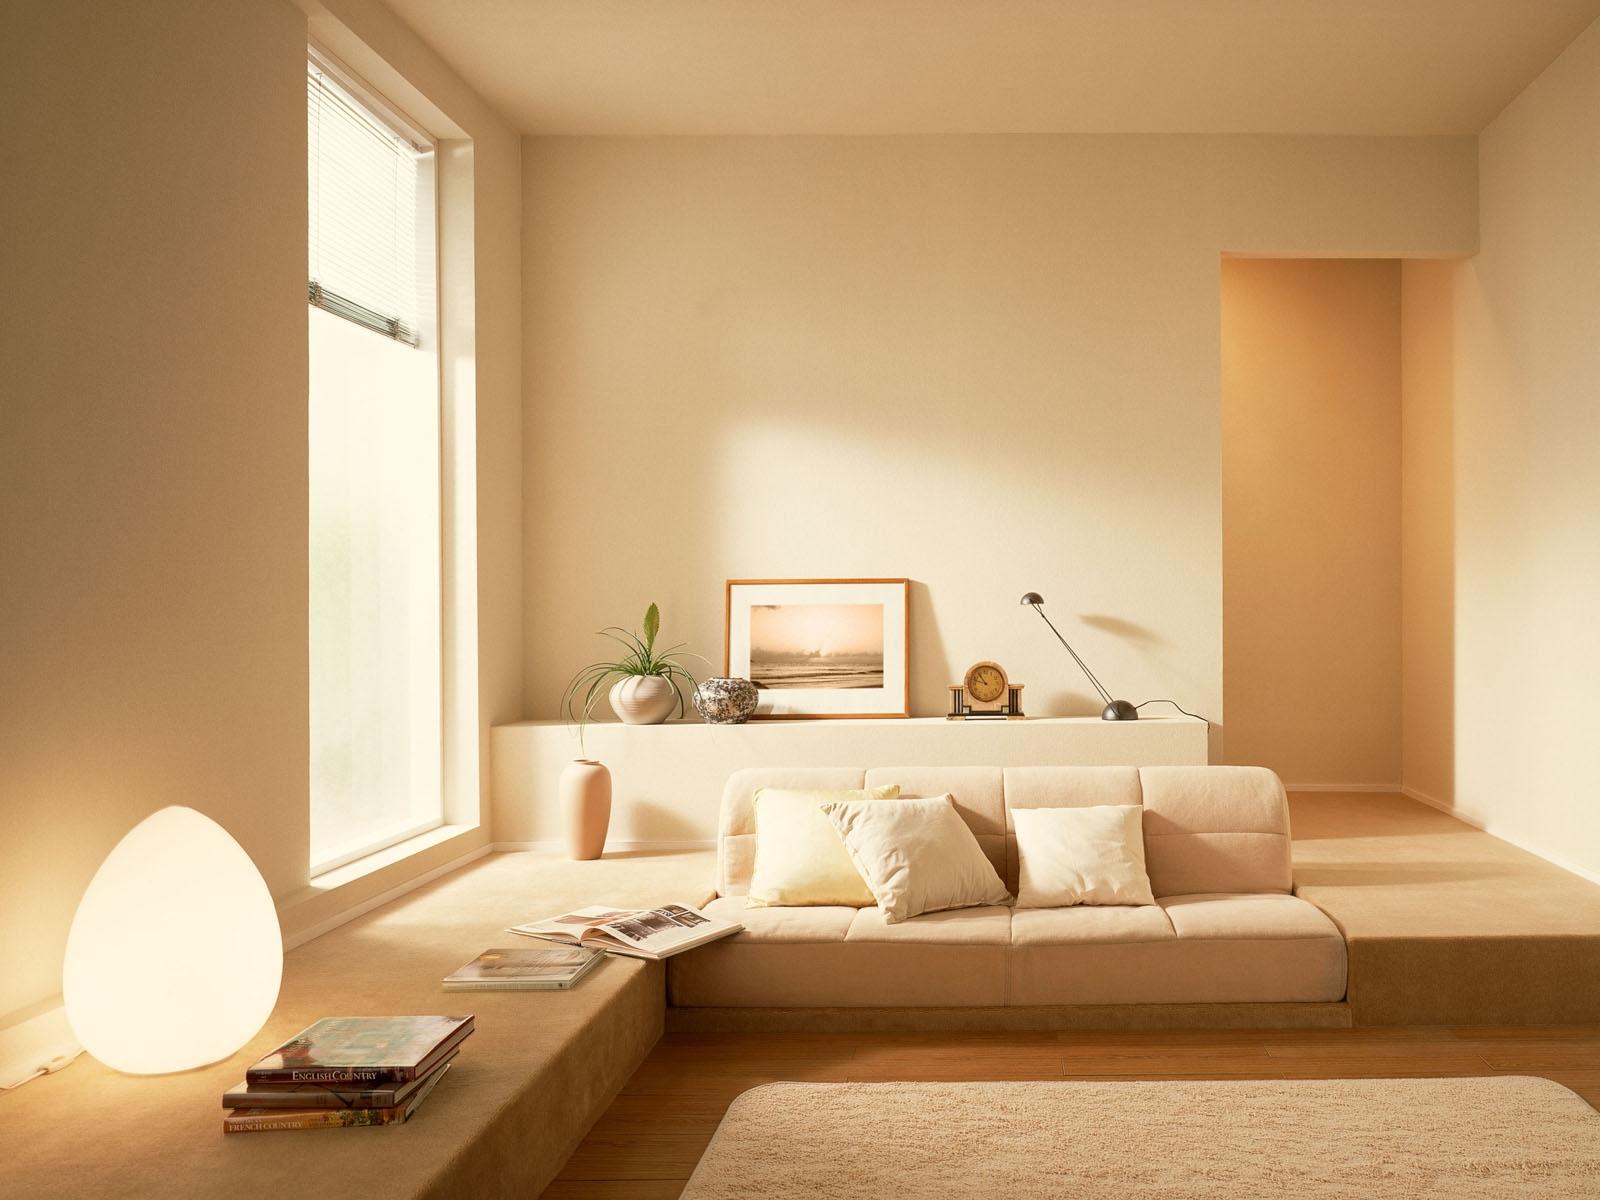 Hintergrundbilder : Zimmer, Mauer, Holz, Schlafzimmer ...